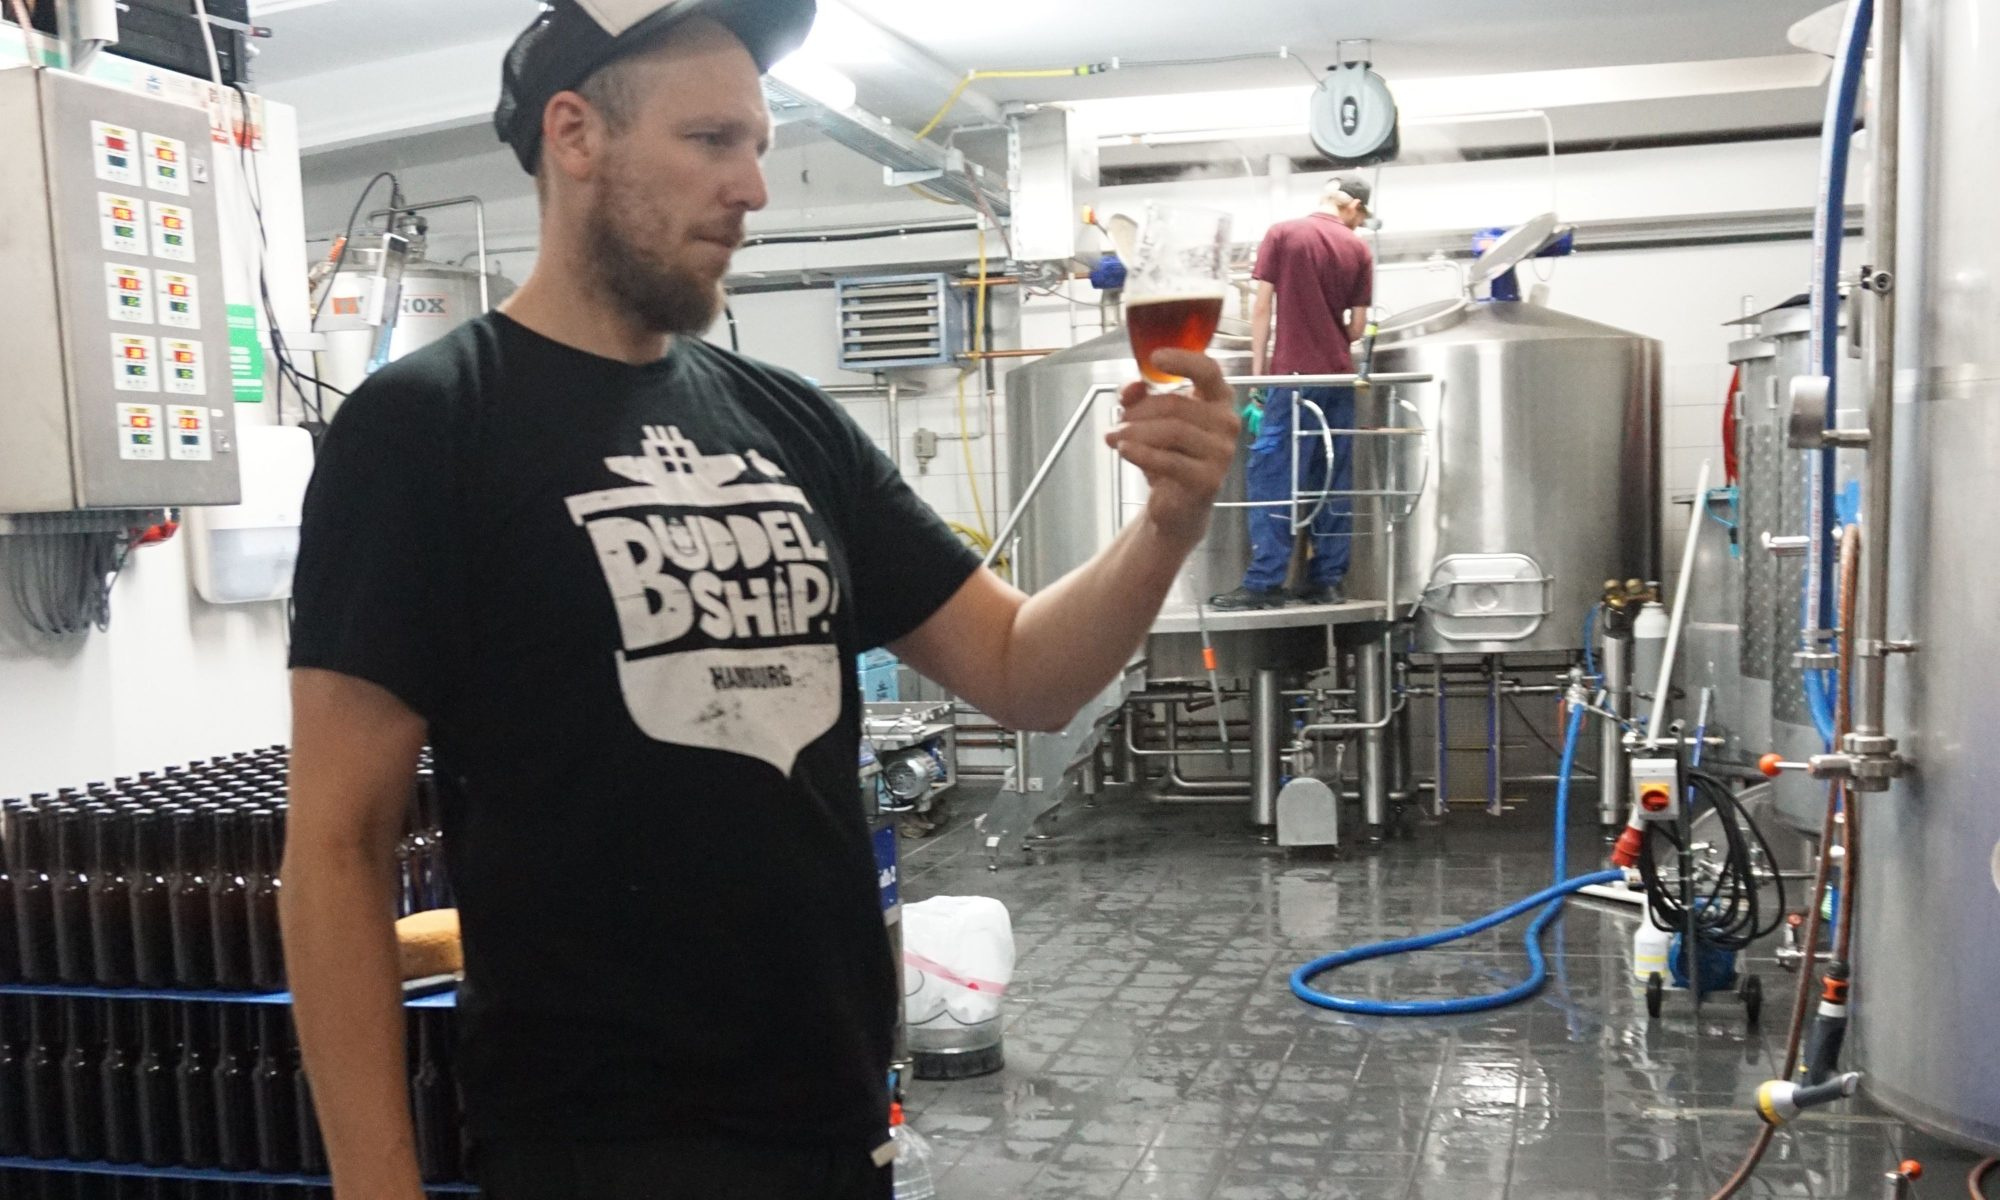 Oorlam Eröffnung Simon Siemsglüß von der Buddelship Brauerei